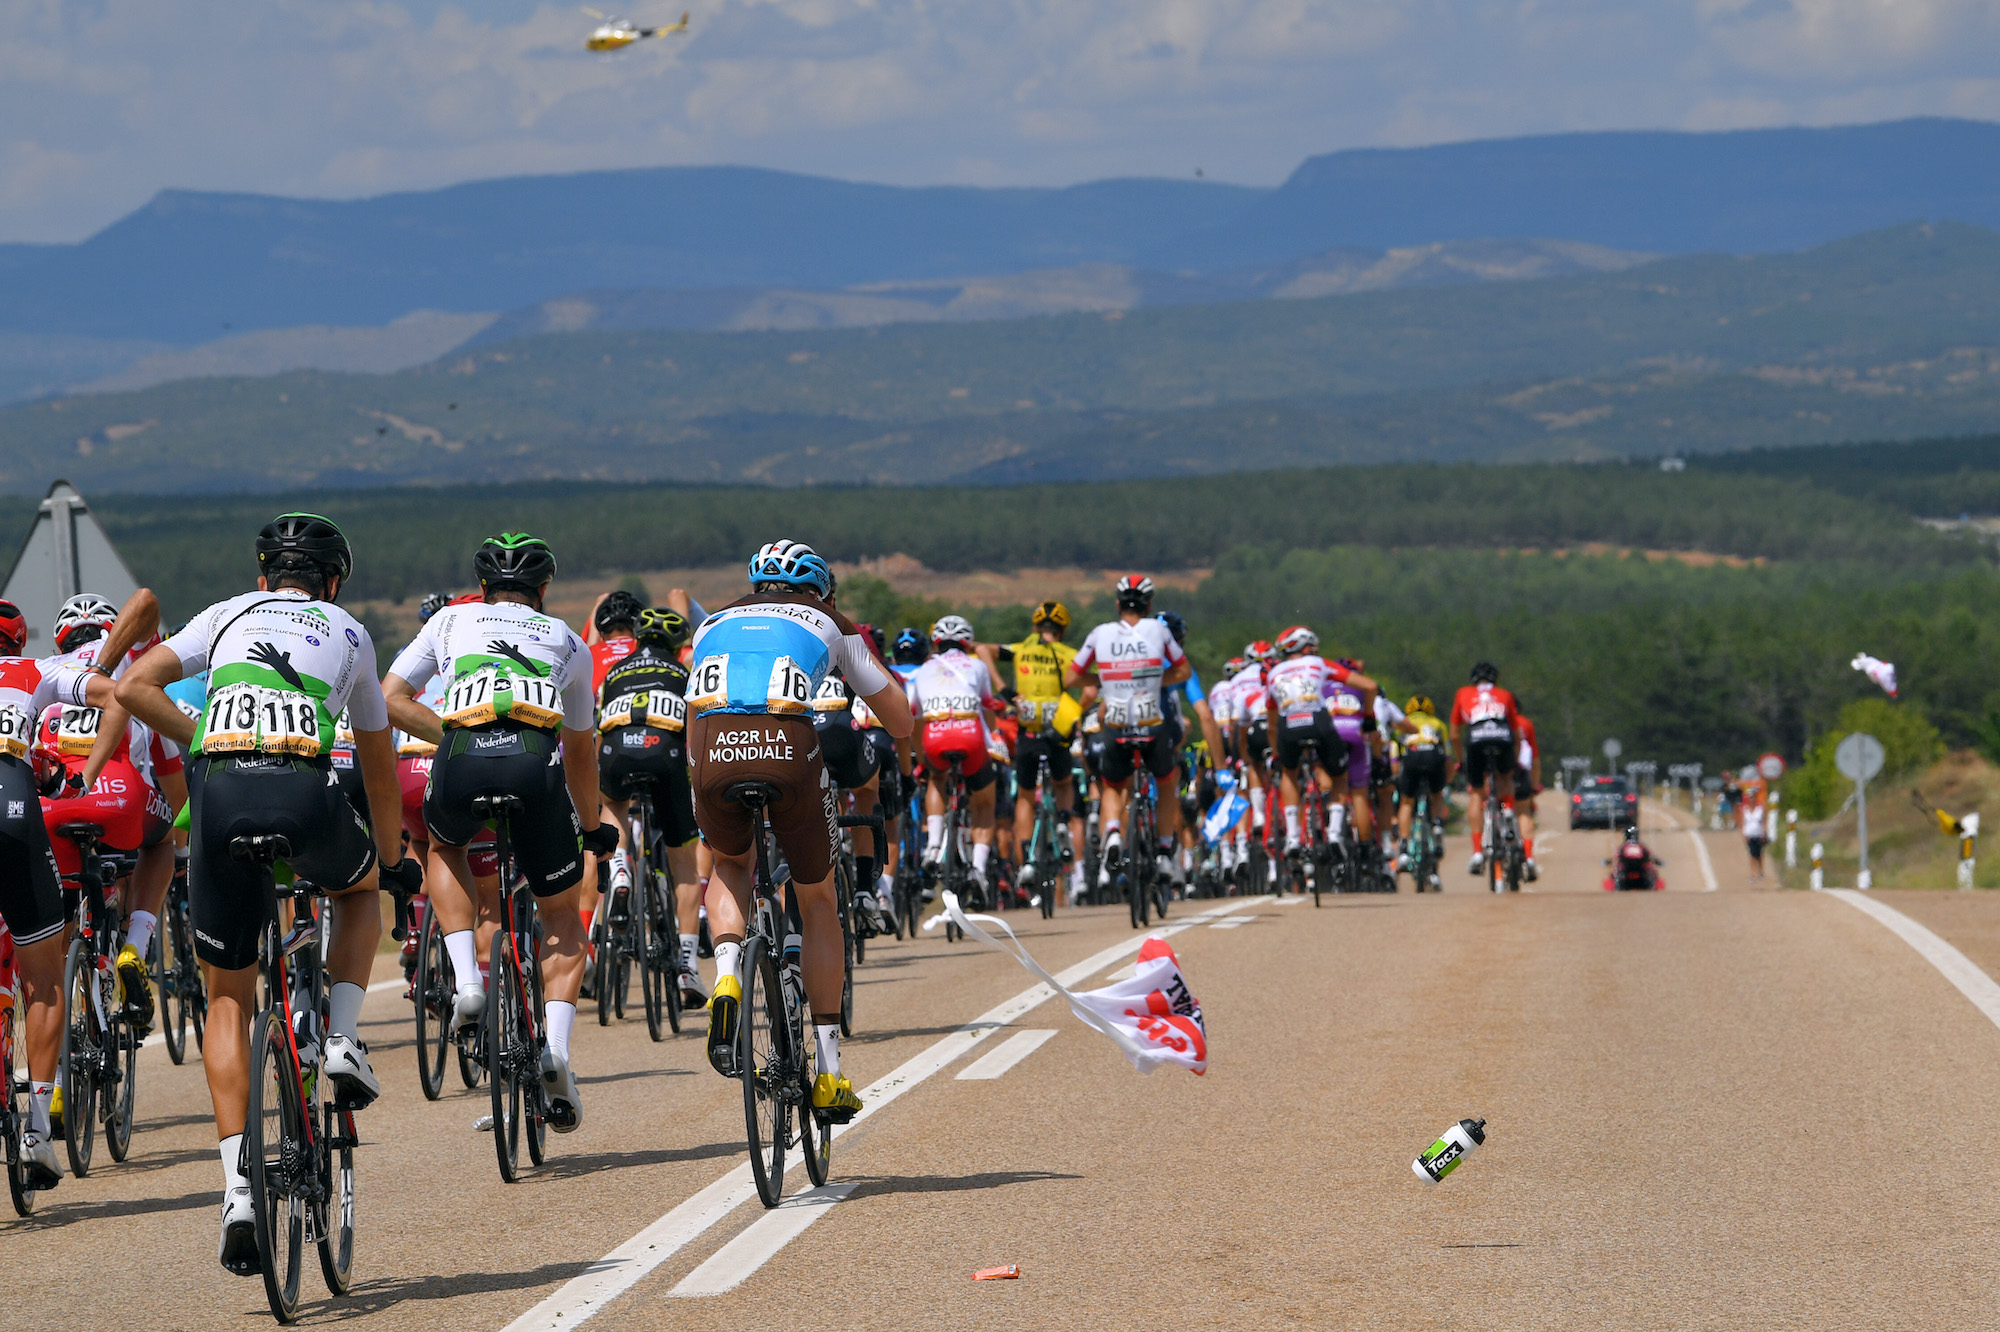 De UCI is van plan om tijdstraffen in te voeren voor renners die tijdens races ronddwalen